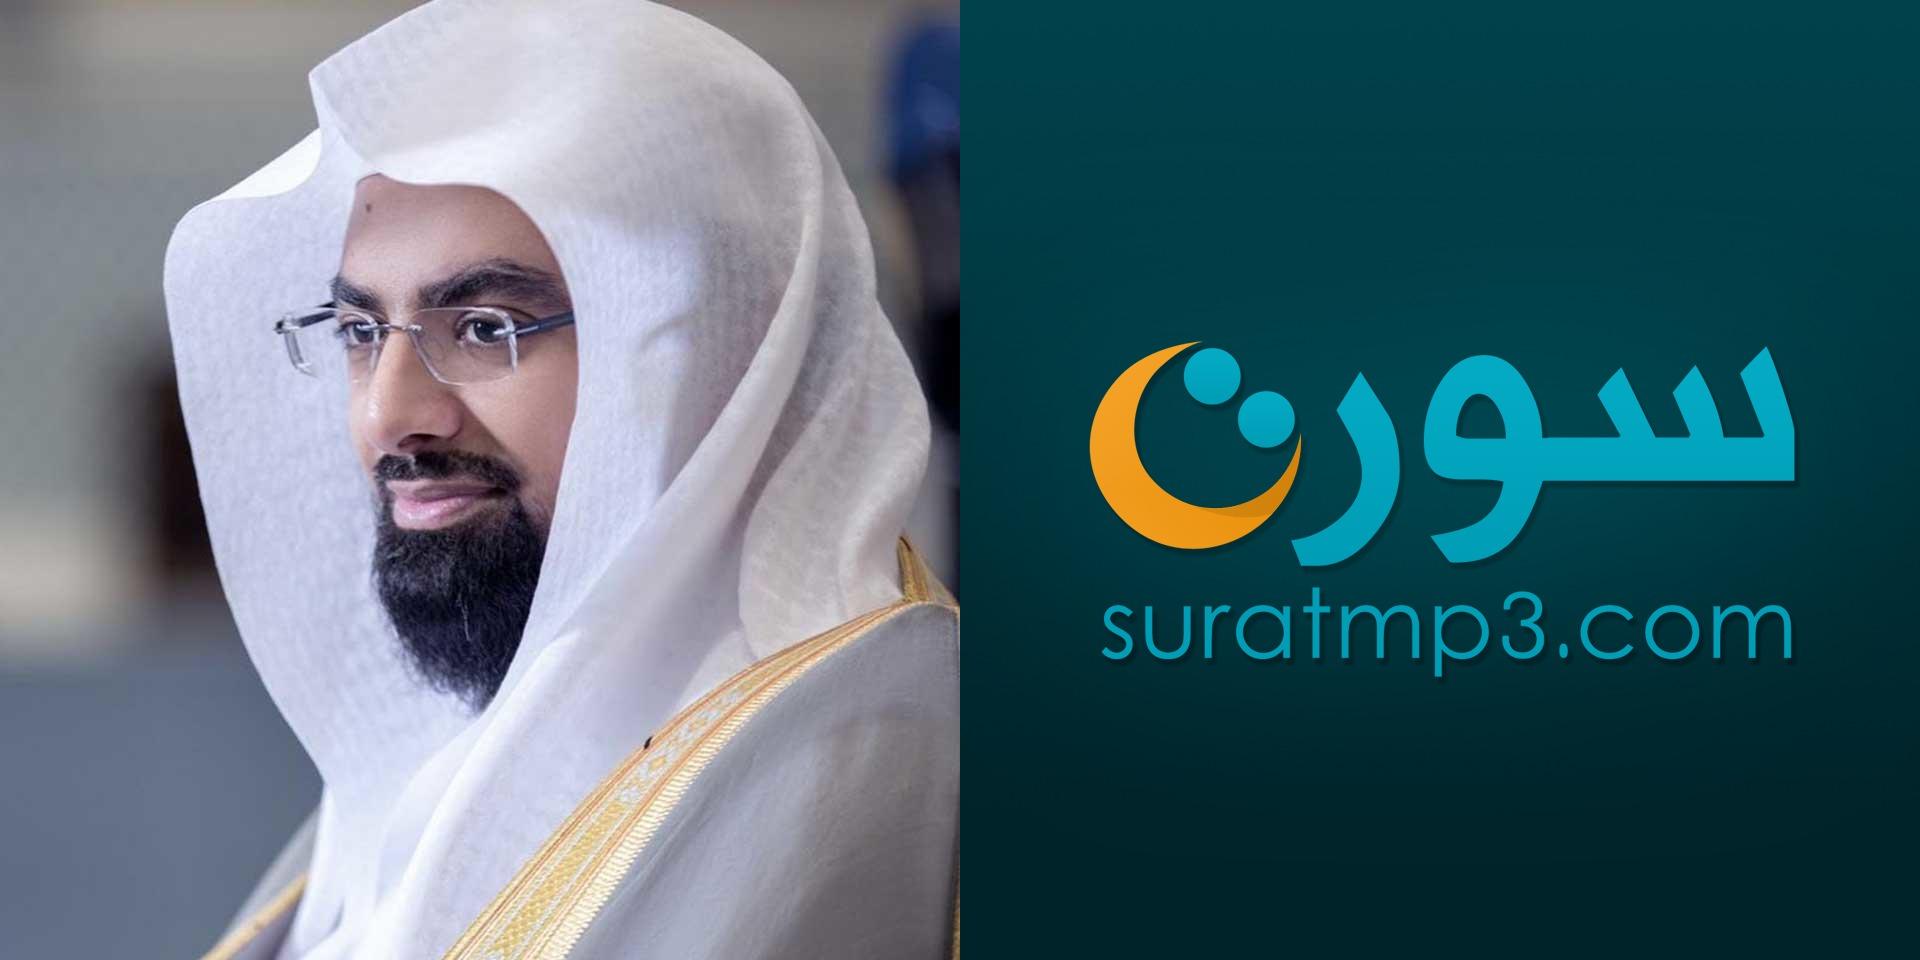 الشيخ ناصر القطامي تحميل و استماع حفص عن عاصم القرآن الكريم Mp3